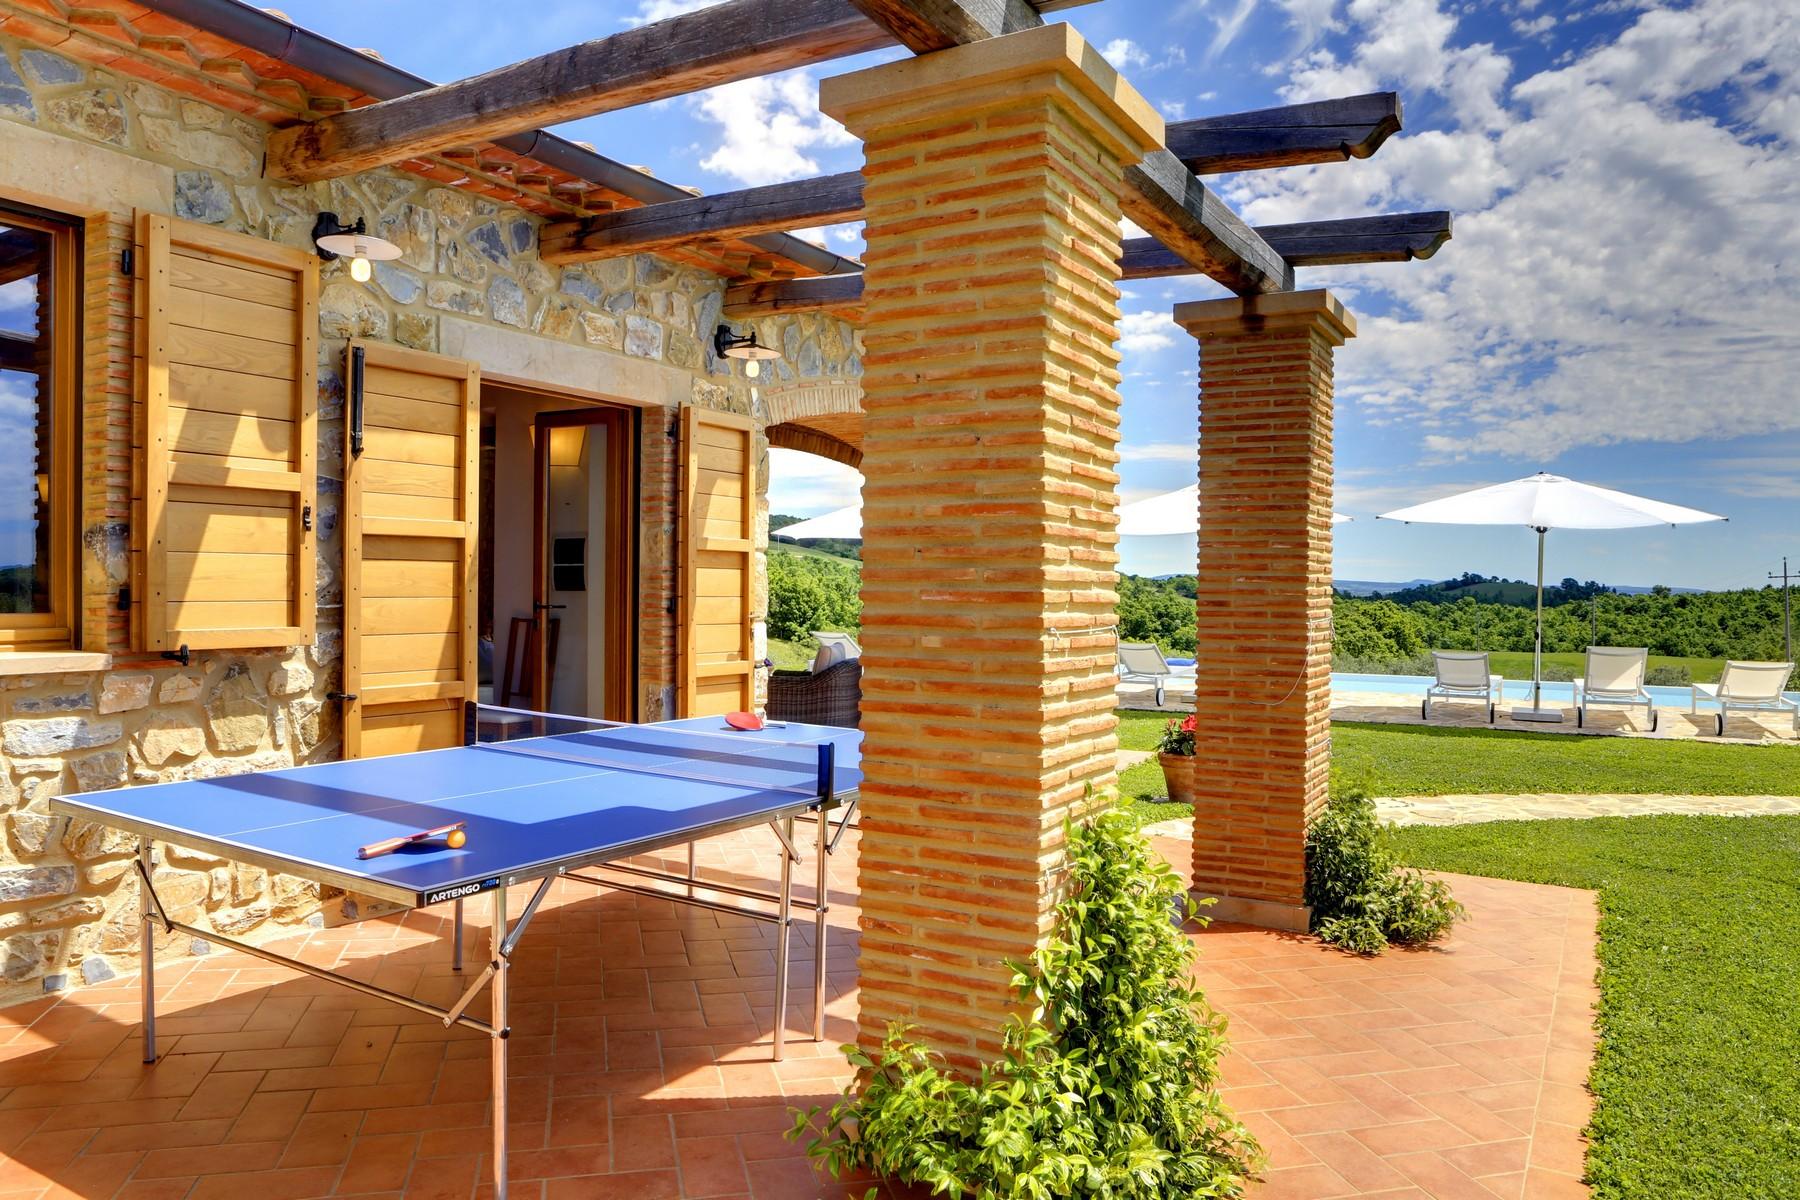 Rustico in Vendita a Manciano: 5 locali, 480 mq - Foto 6